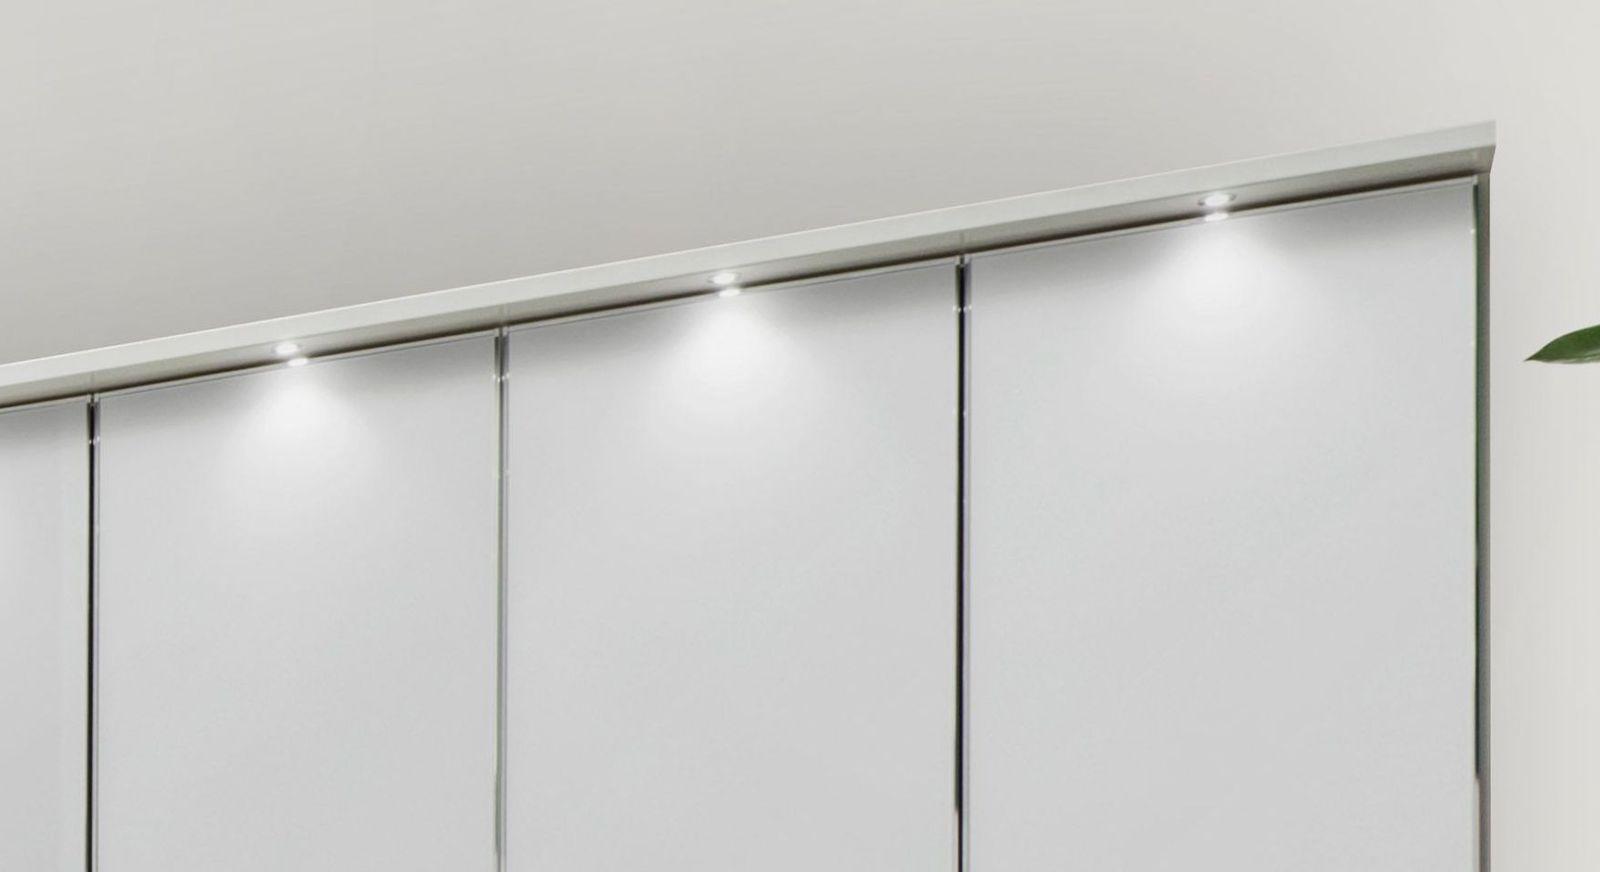 Funktions-Kleiderschrank Shanvalley mit sparsamer LED Beleuchtung